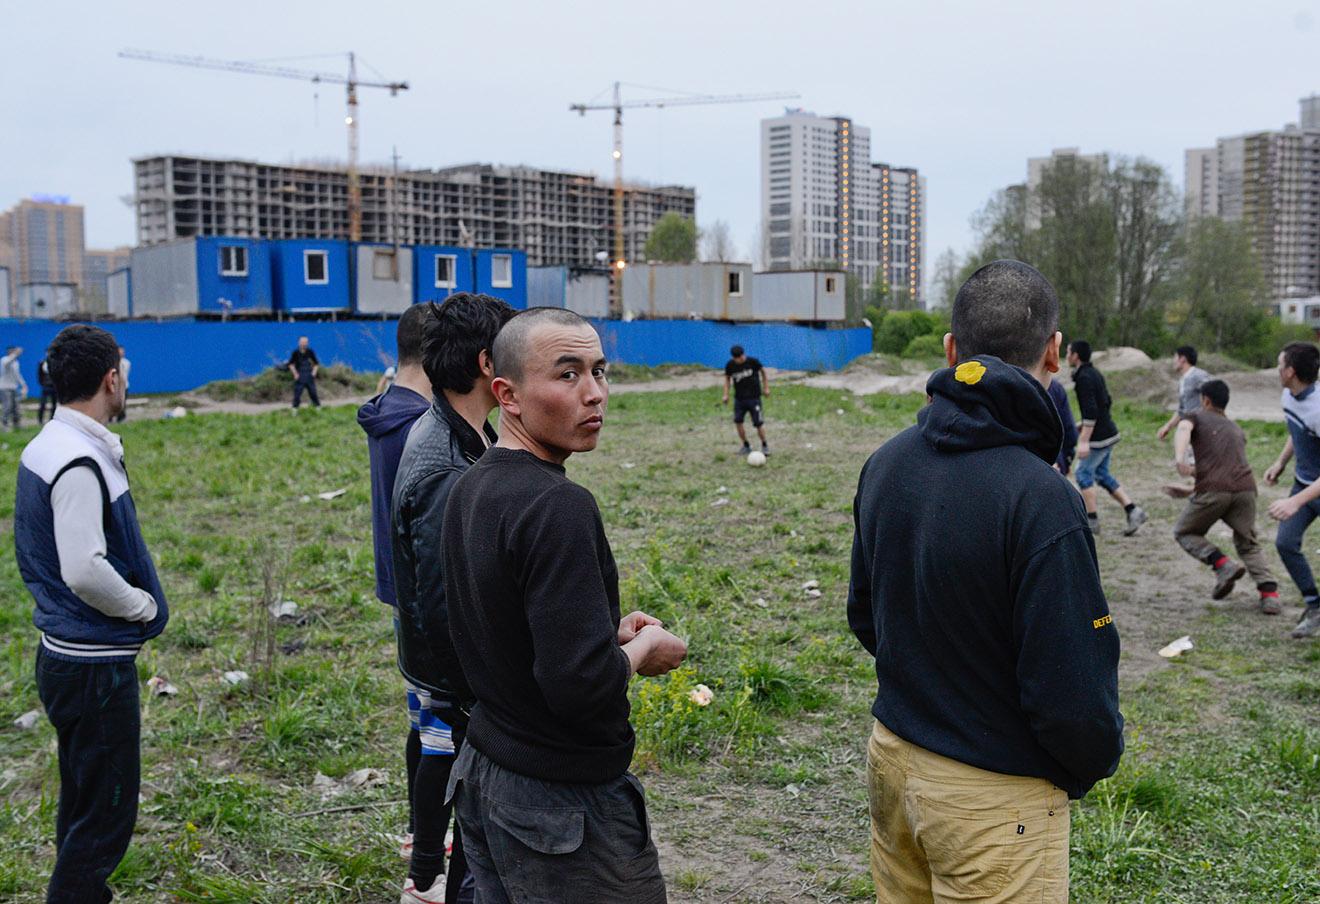 Гастарбайтеры играют в футбол в микрорайоне Мурино Ленинградской области.